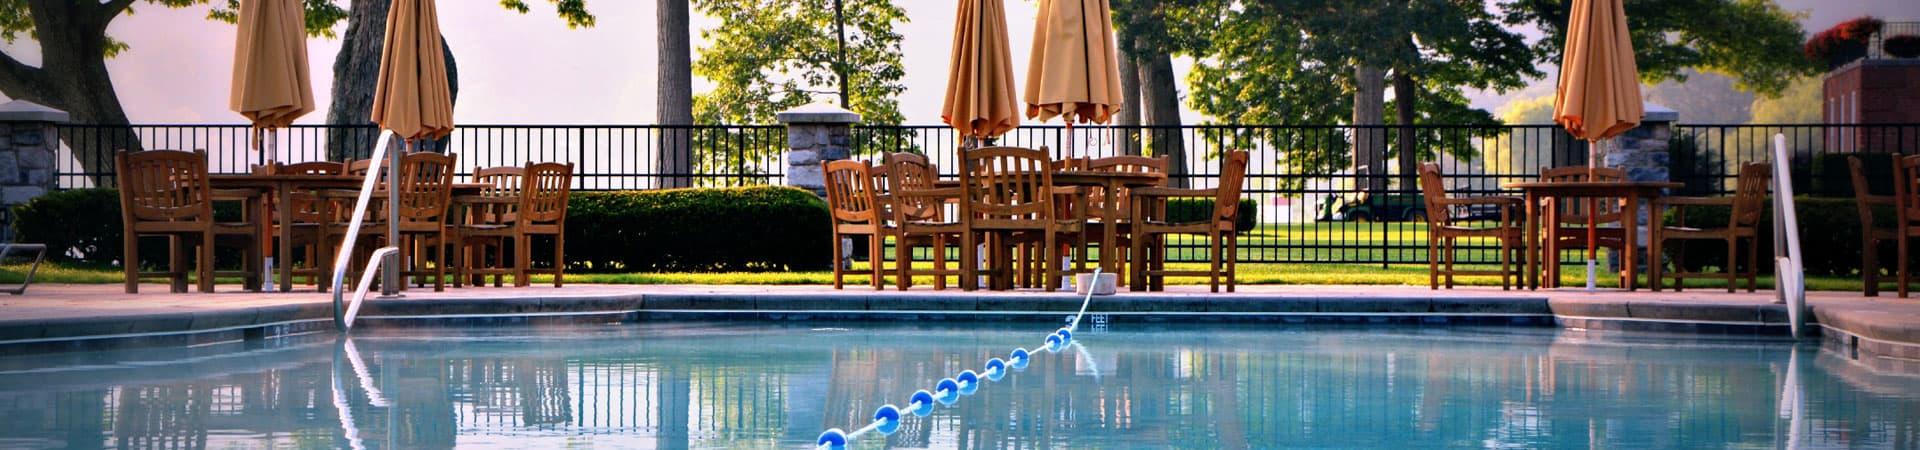 Amenities of The Otesaga Resort Hotel Cooperstown, New York